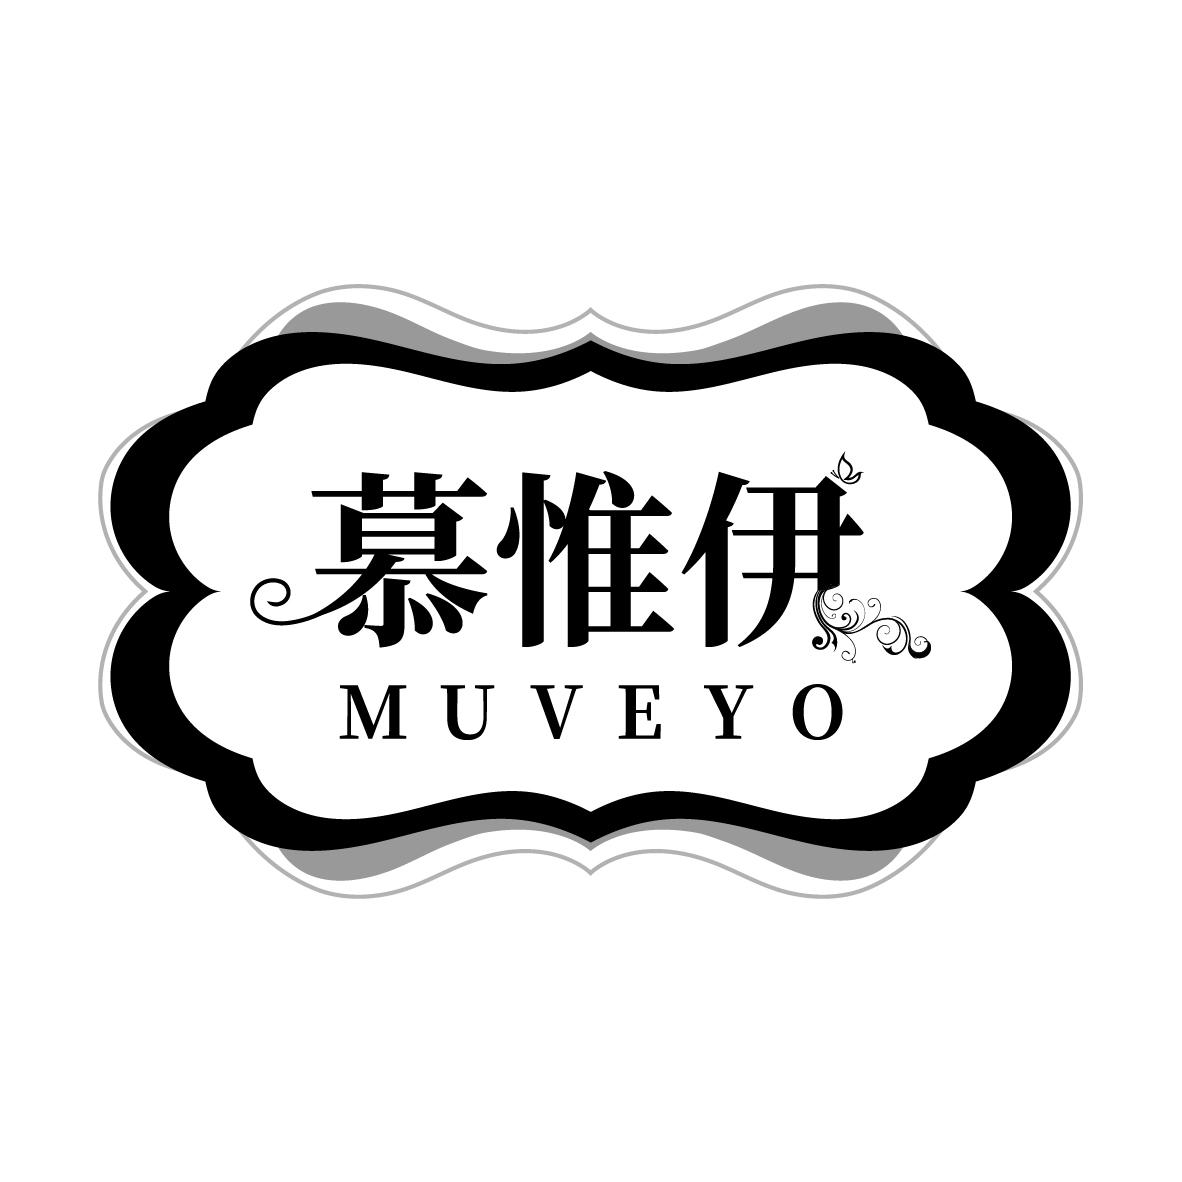 慕惟伊MUVEYO